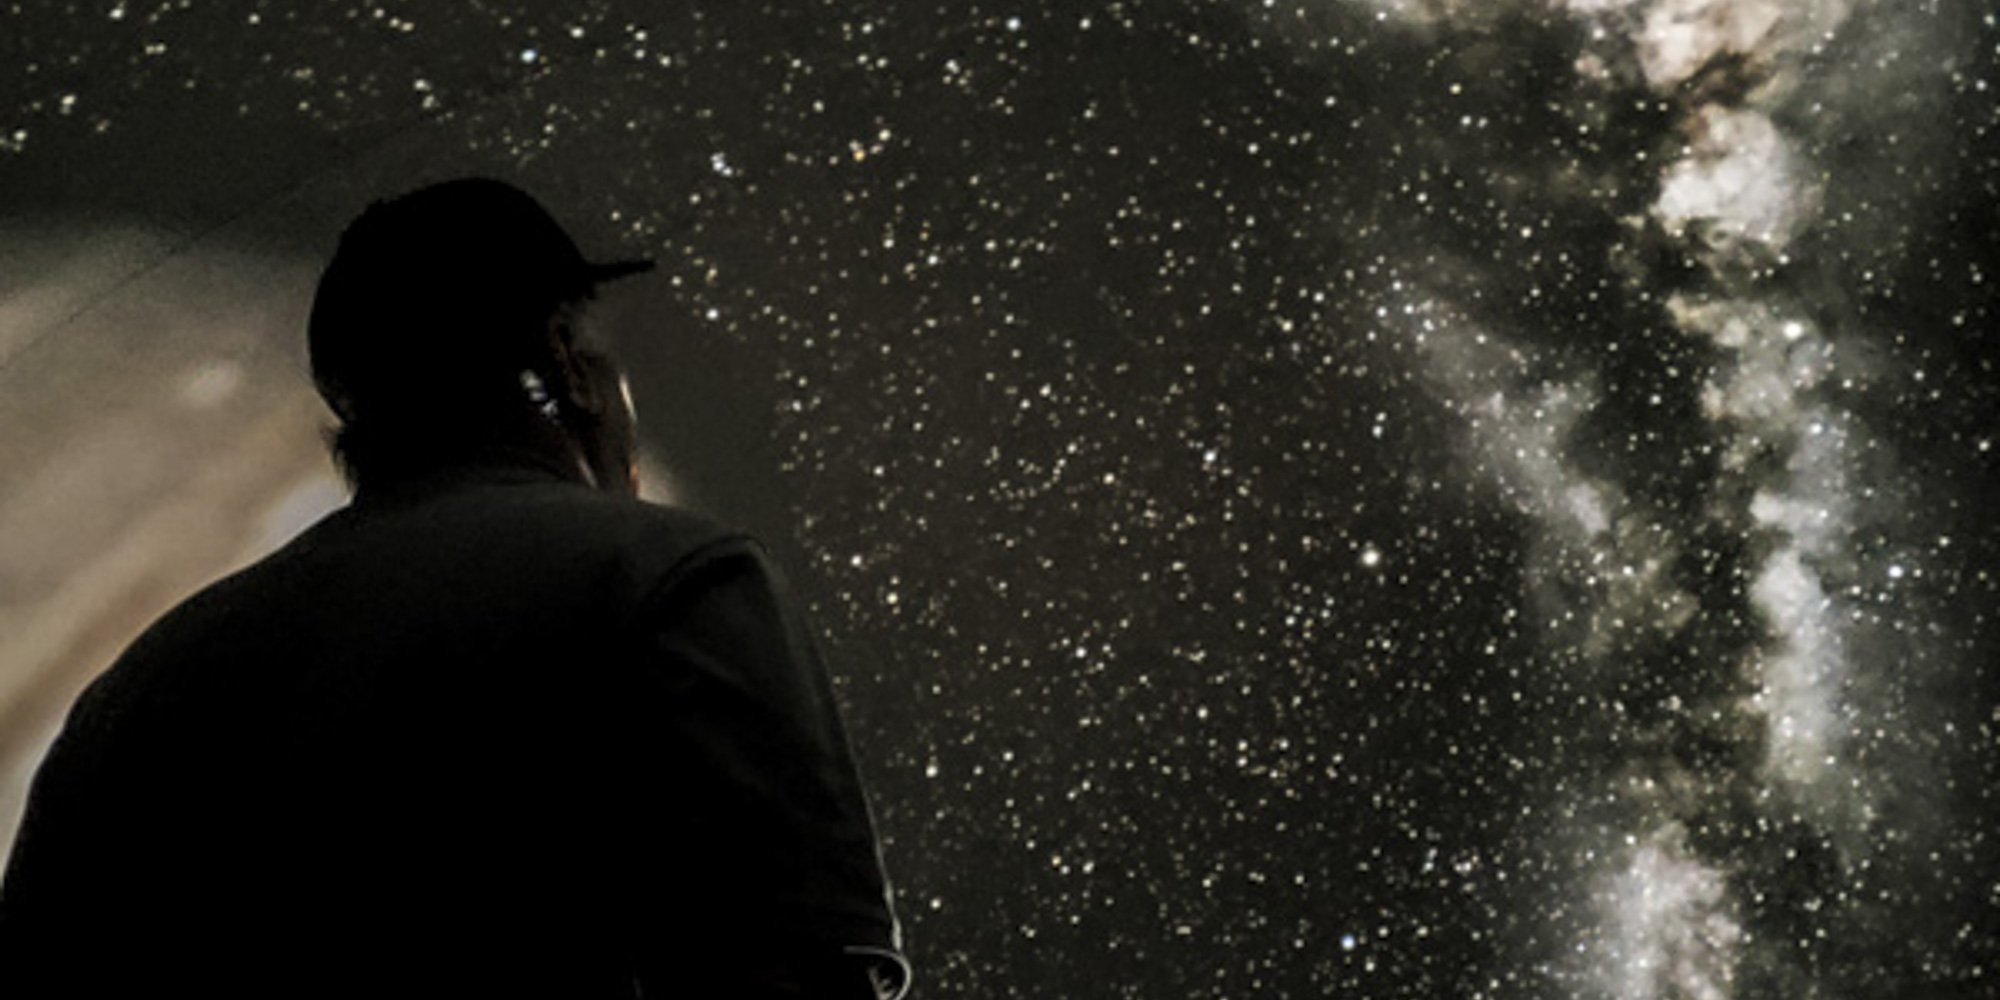 solar system odyssey - photo #25